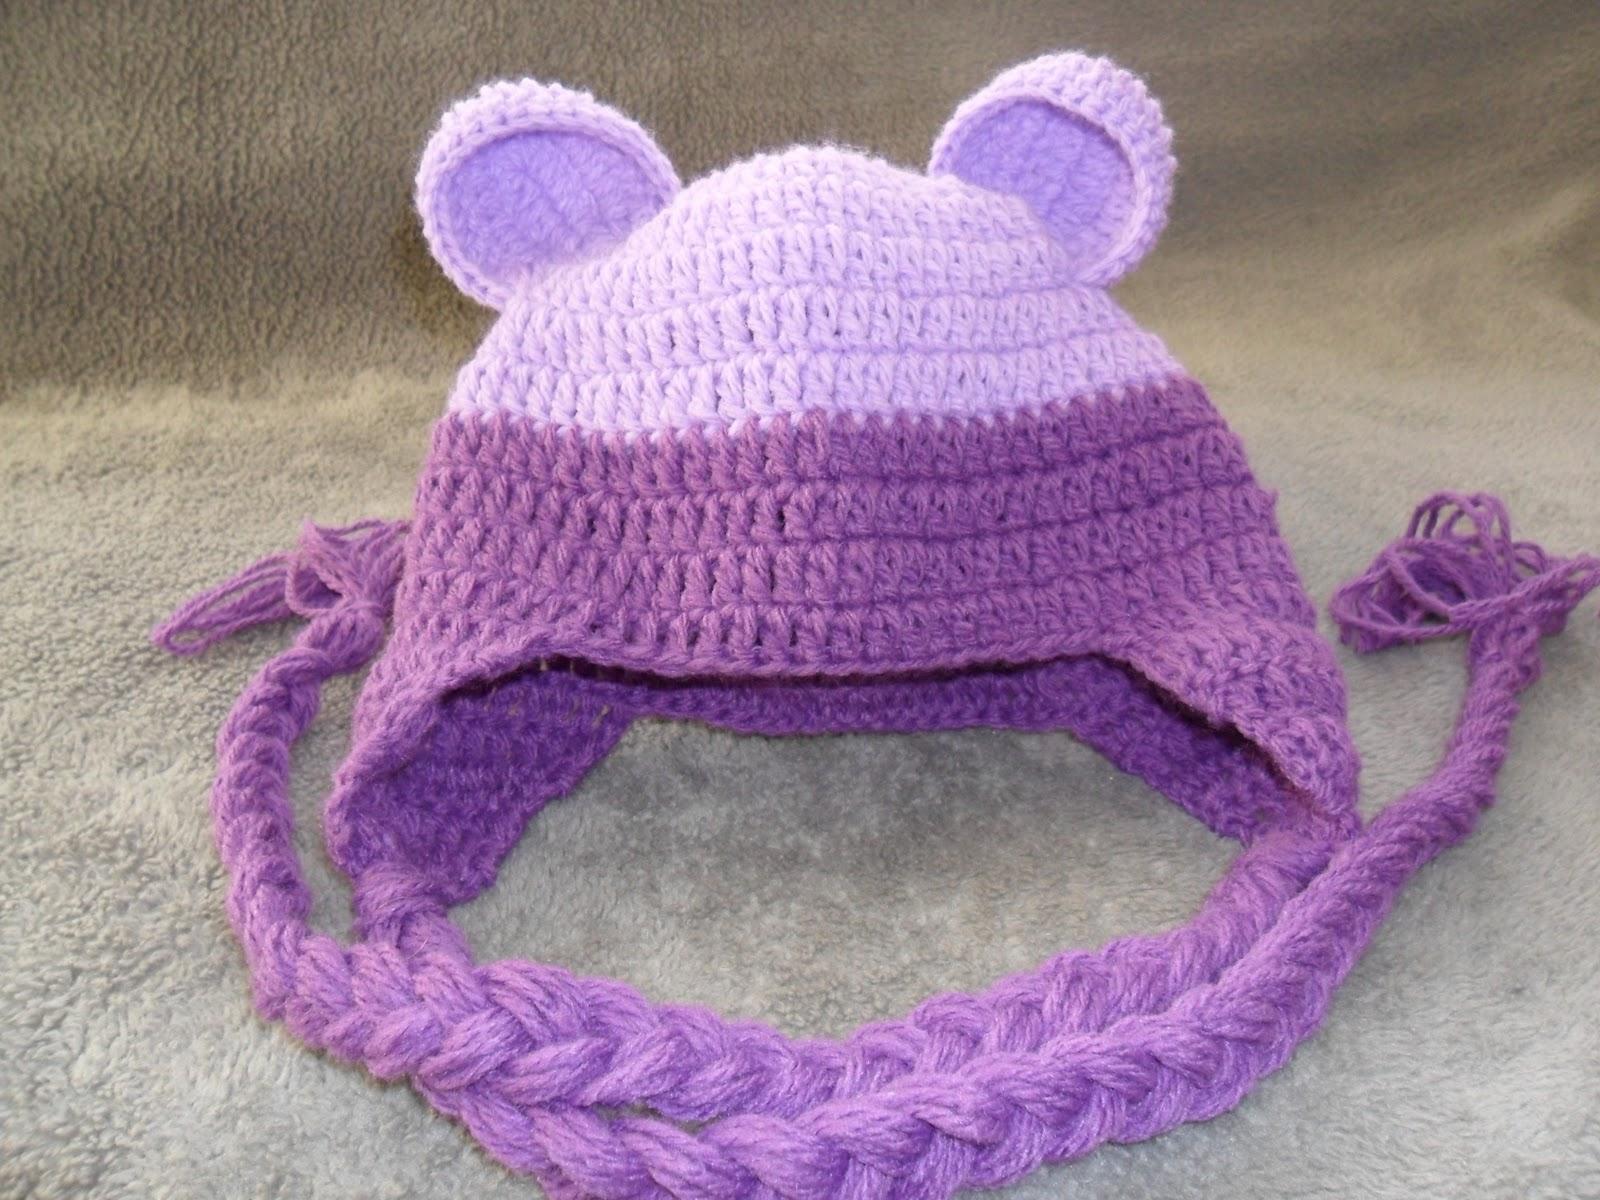 d3eba5a613b63 Como colocar tranças em toucas de crochê para bebês - Ateliê do Crochê